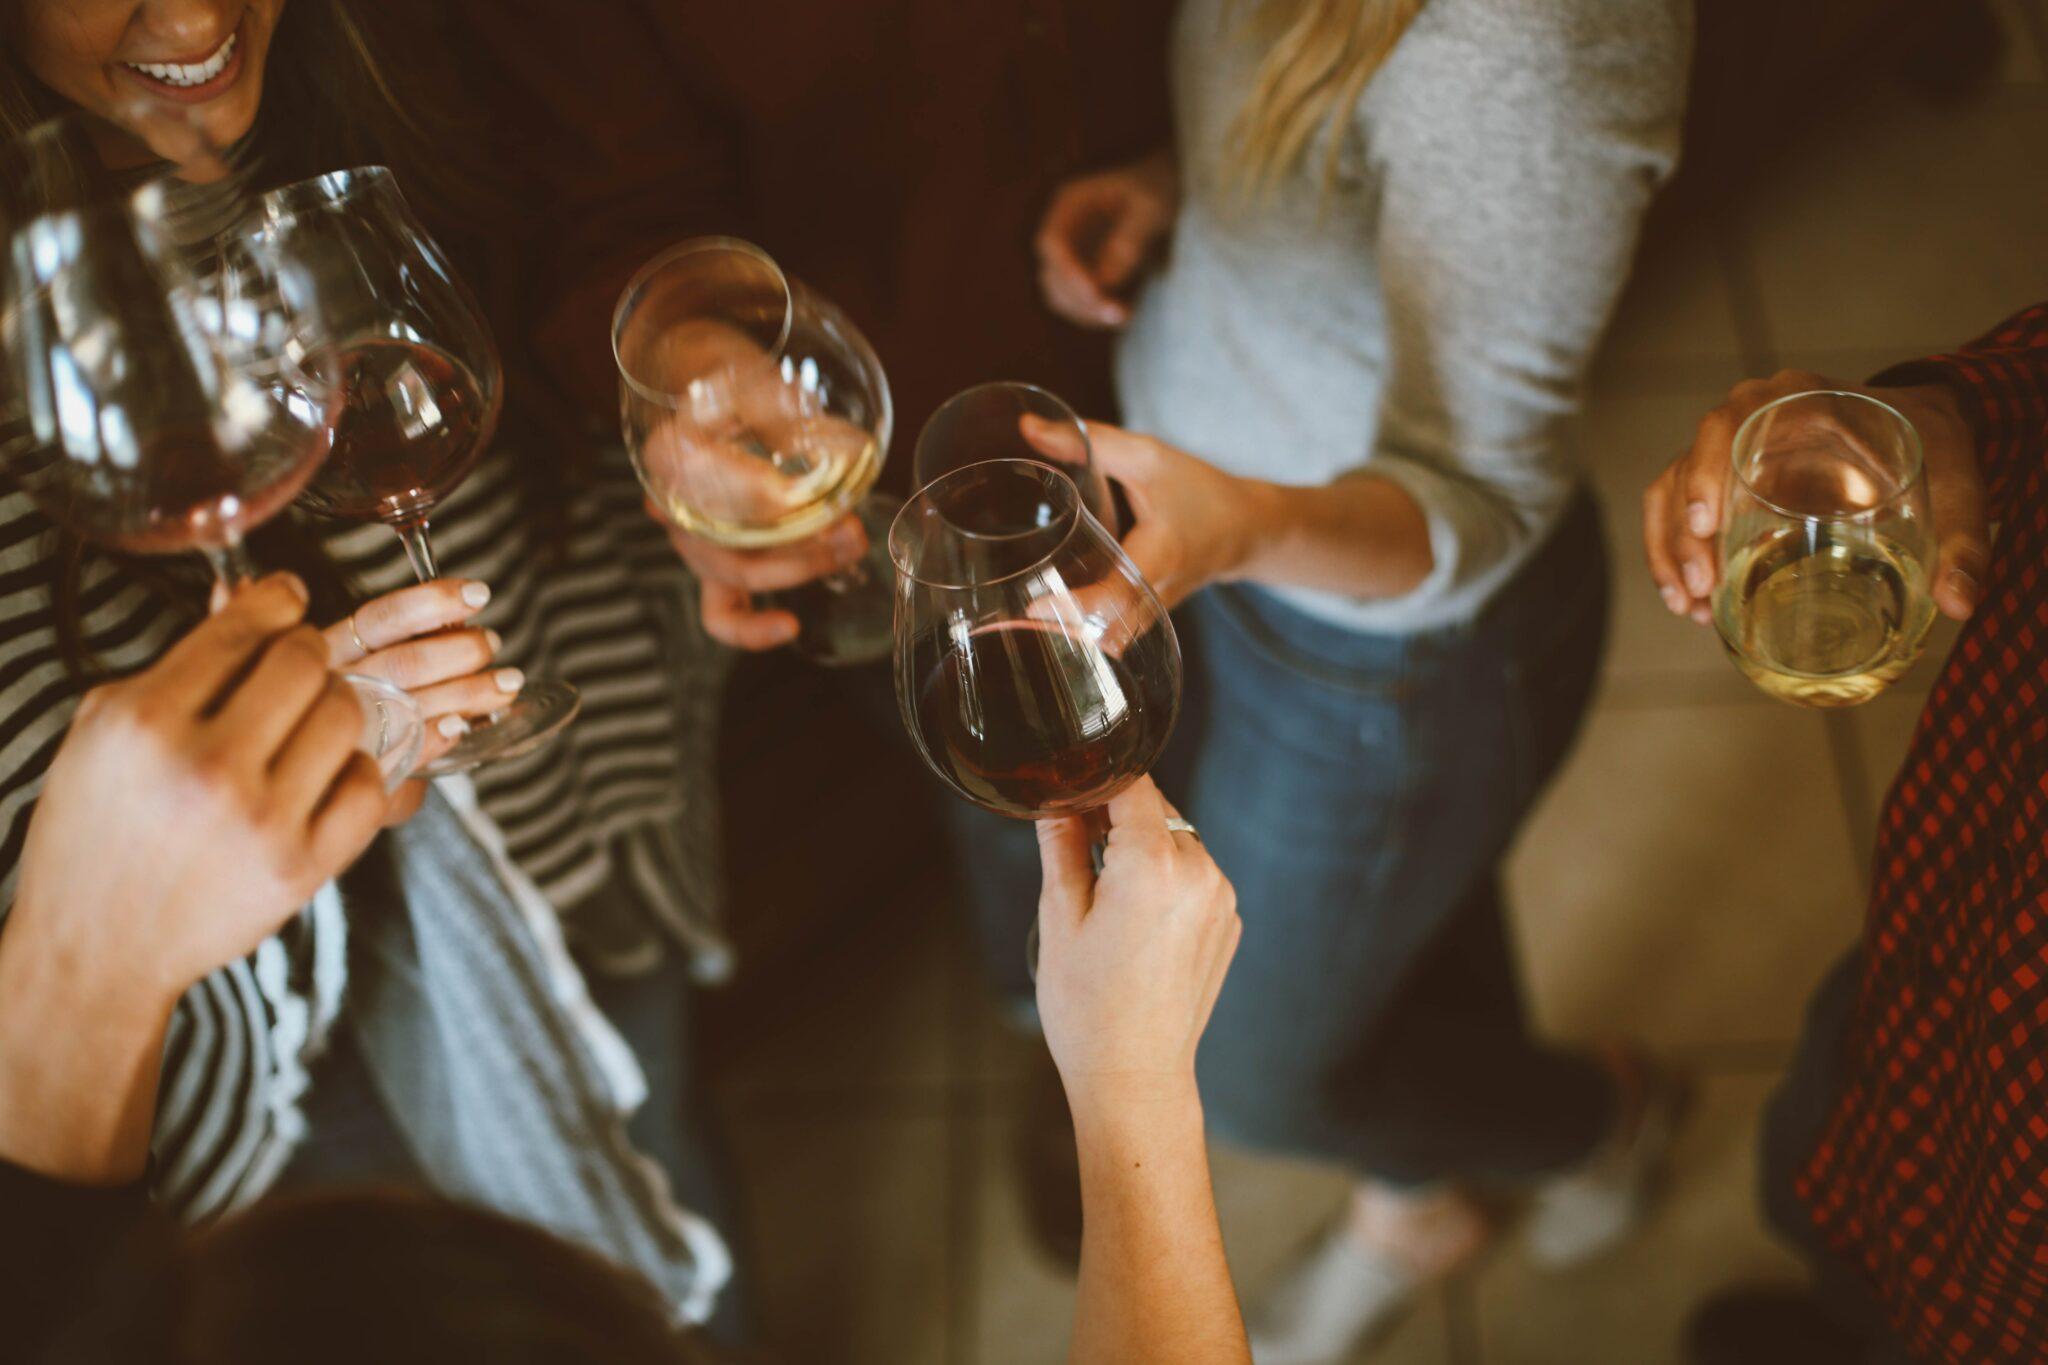 Frauen mit Weingläsern stossen an